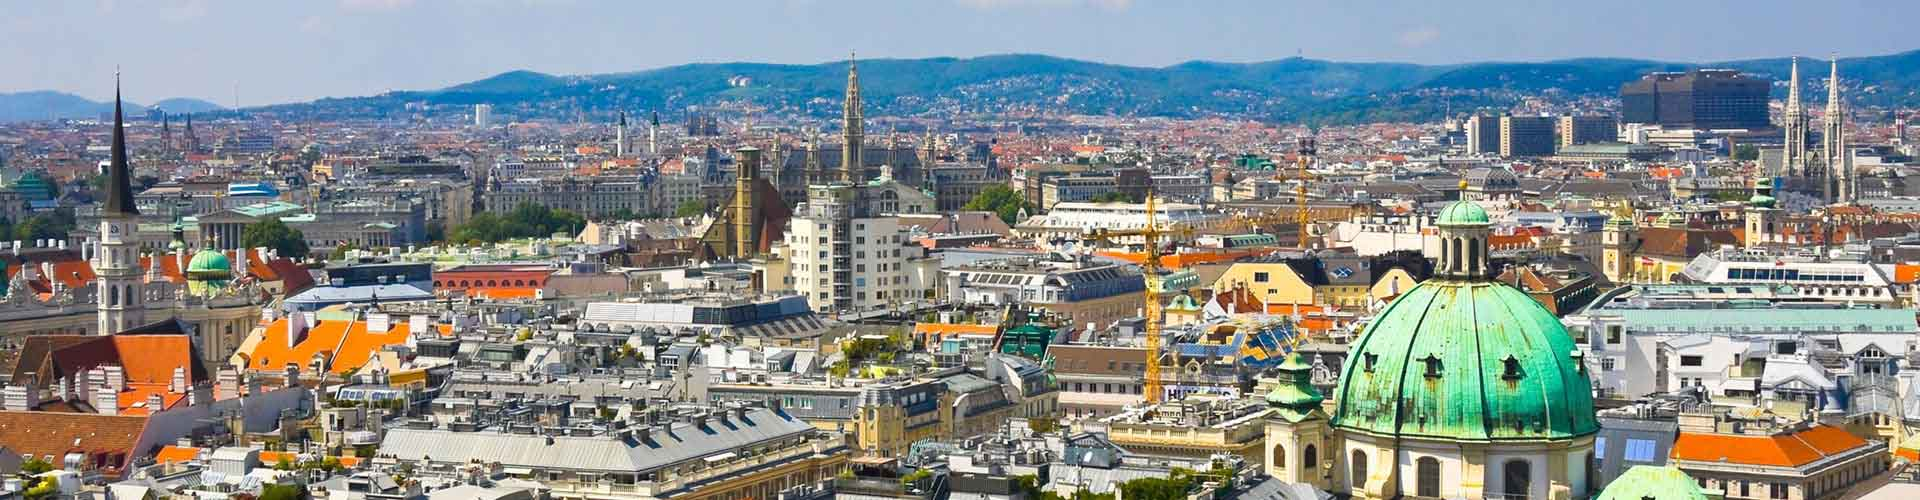 비엔나 - Mariahilf지역에 위치한 호스텔. 비엔나의 지도, 비엔나에 위치한 호스텔에 대한 사진 및 리뷰.